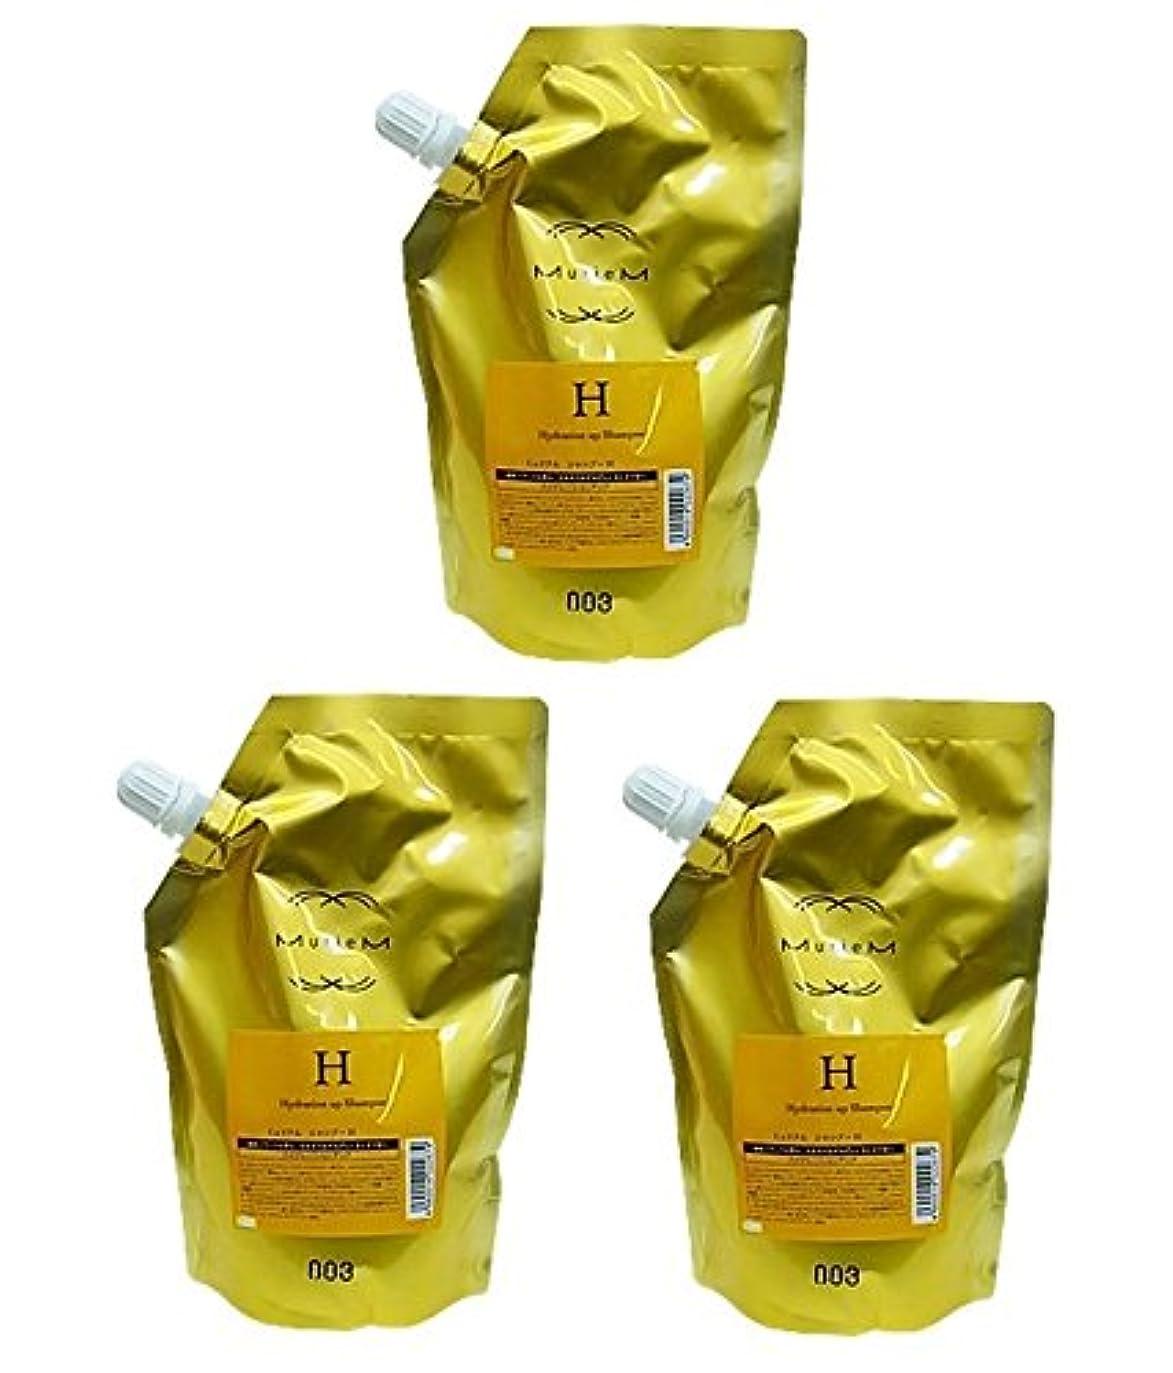 胚パトロン性格【X3個セット】 ナンバースリー ミュリアム ゴールド シャンプー H 500ml 詰替え用